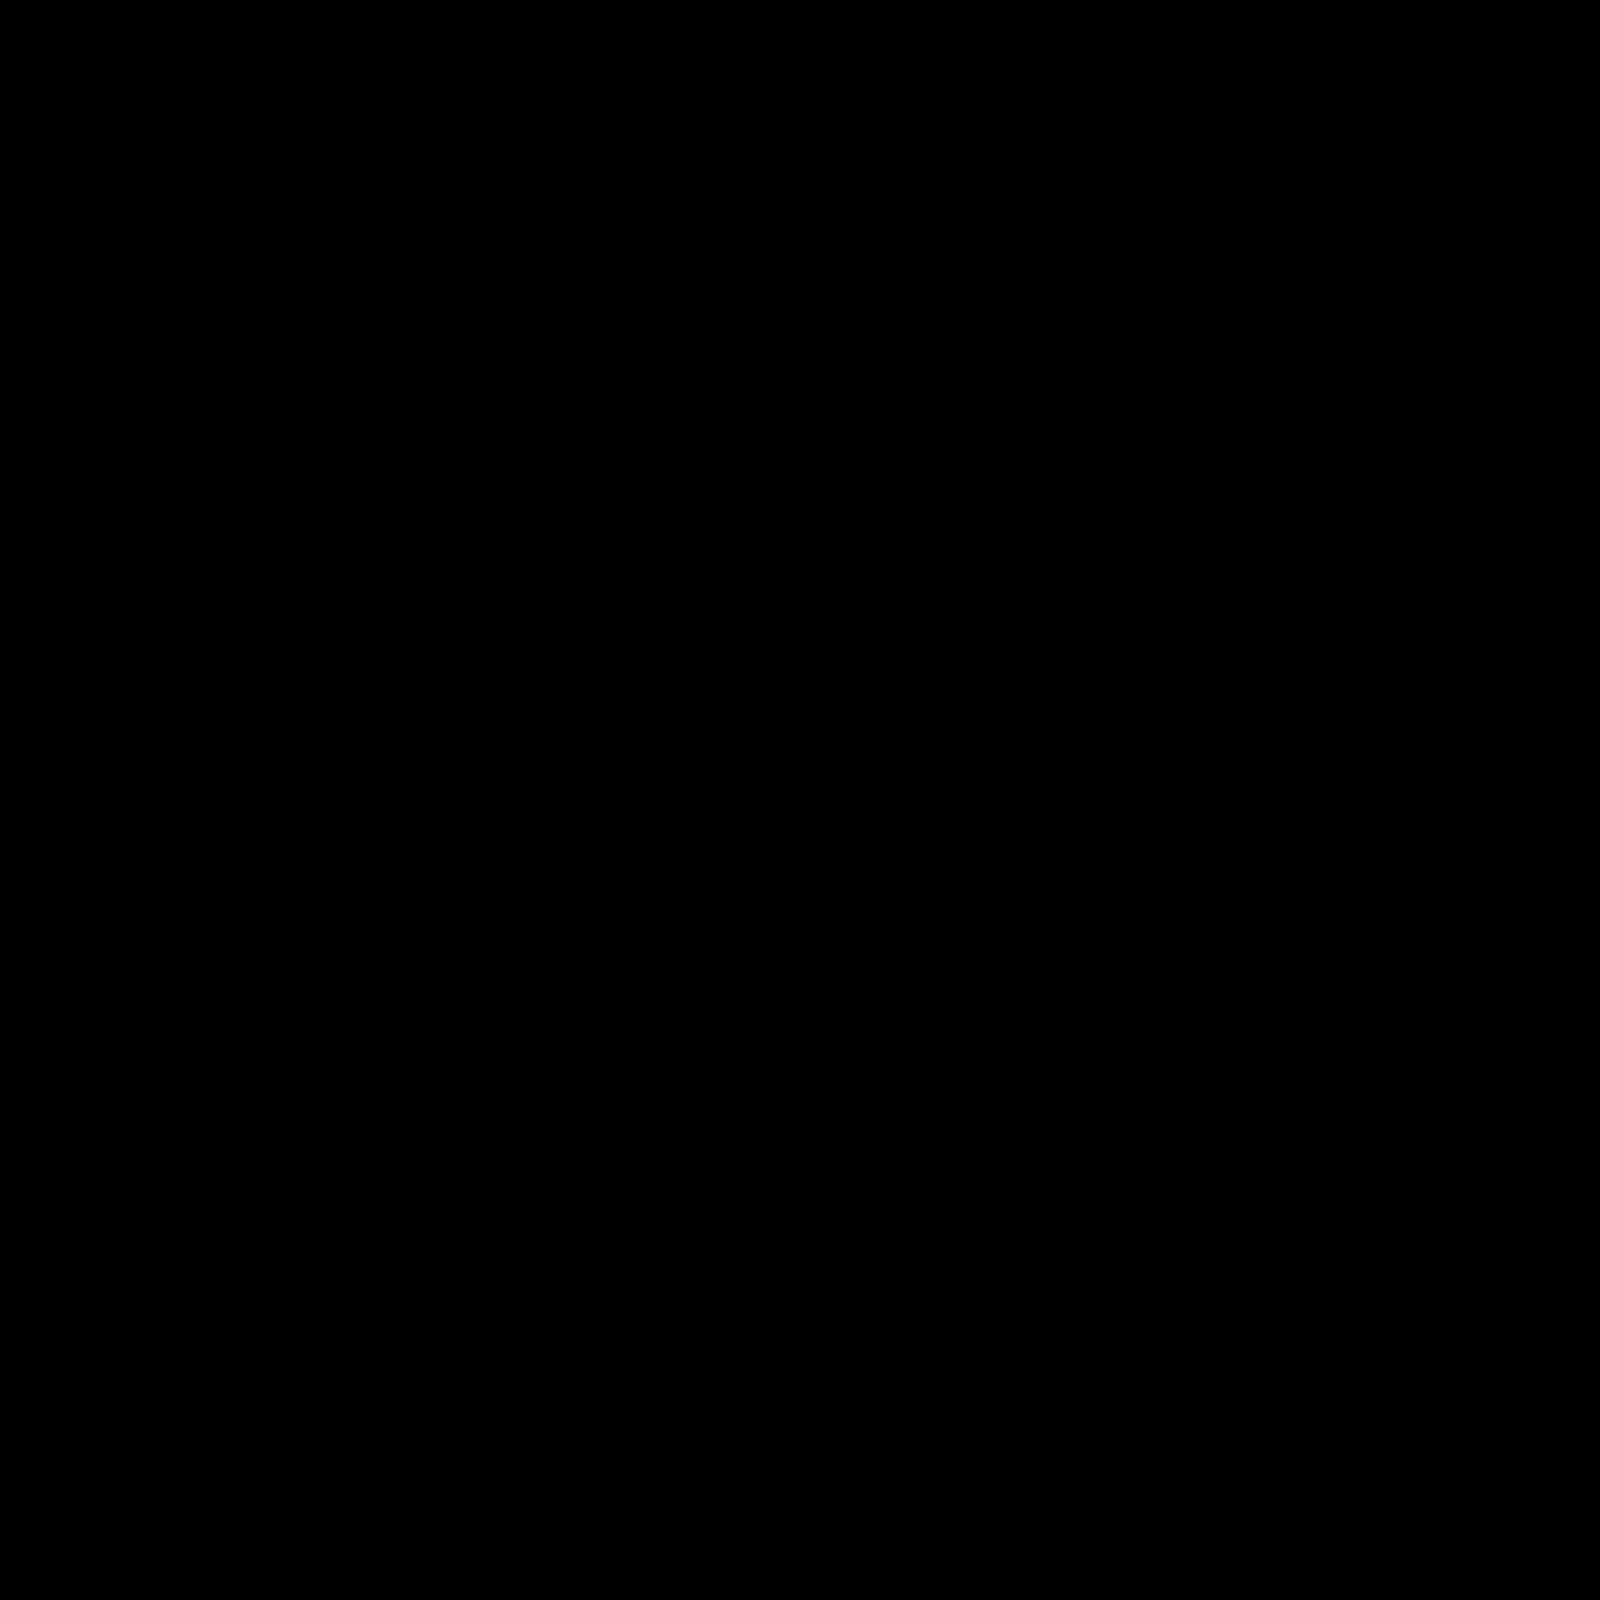 コントラスト icon